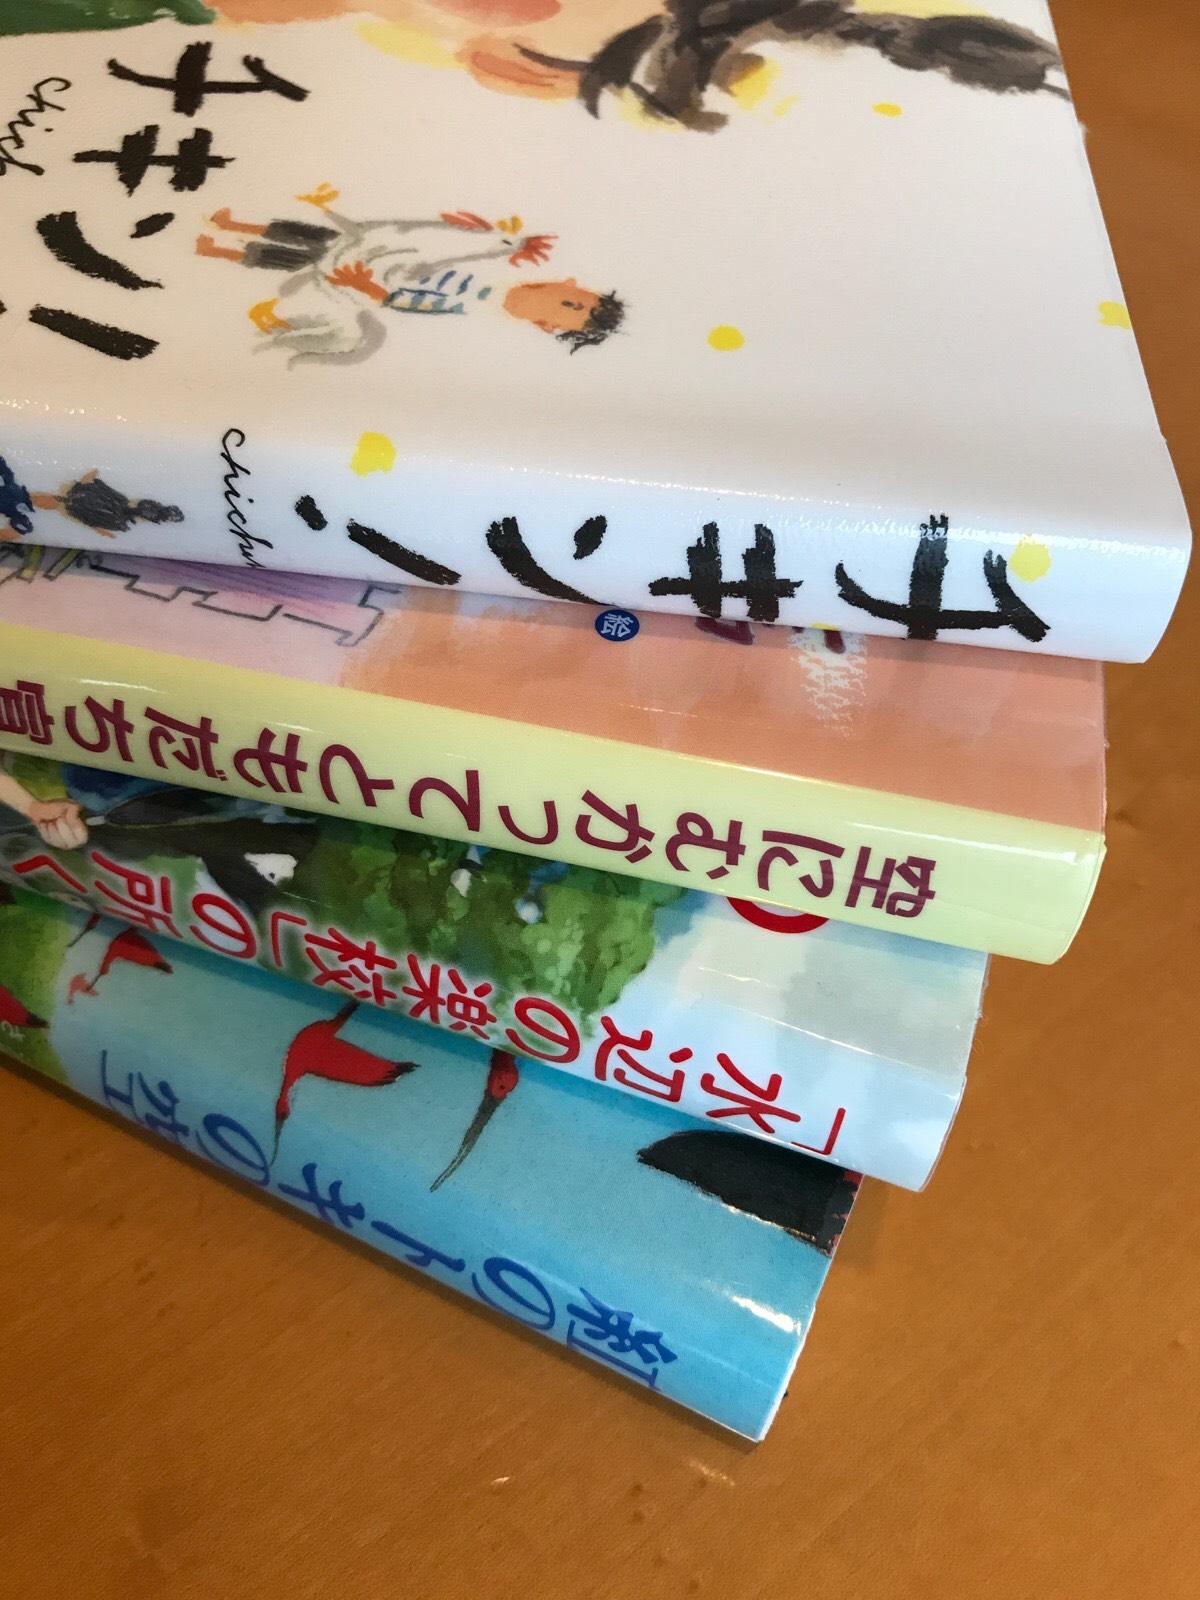 読書感想文のための読書:親もチャレンジしてみませんか